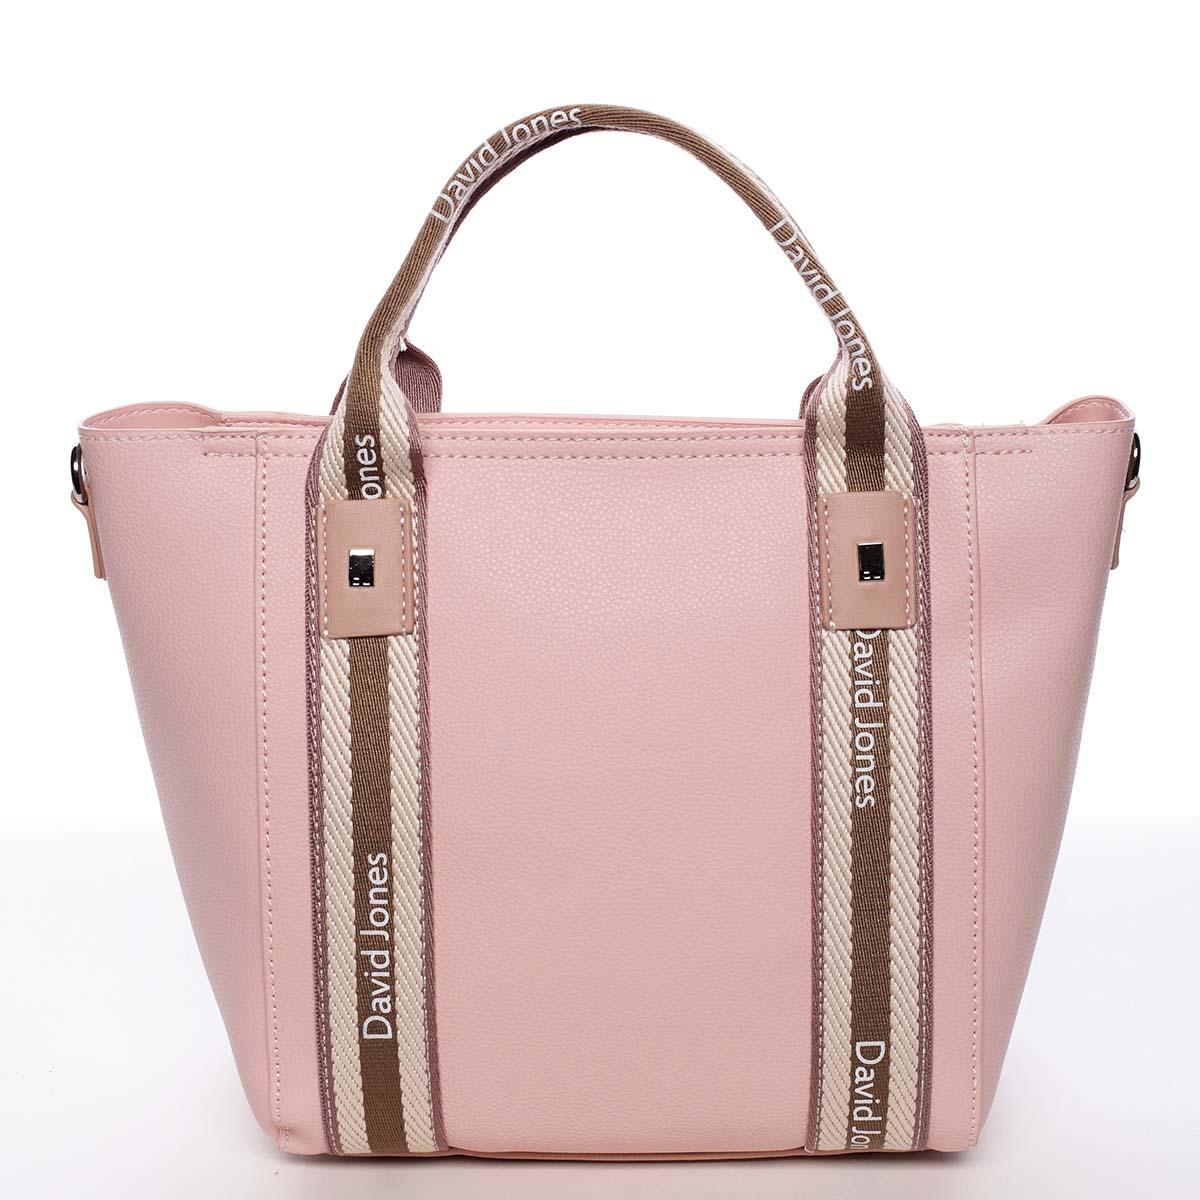 Moderní dámská růžová kabelka do ruky - David Jones Agna